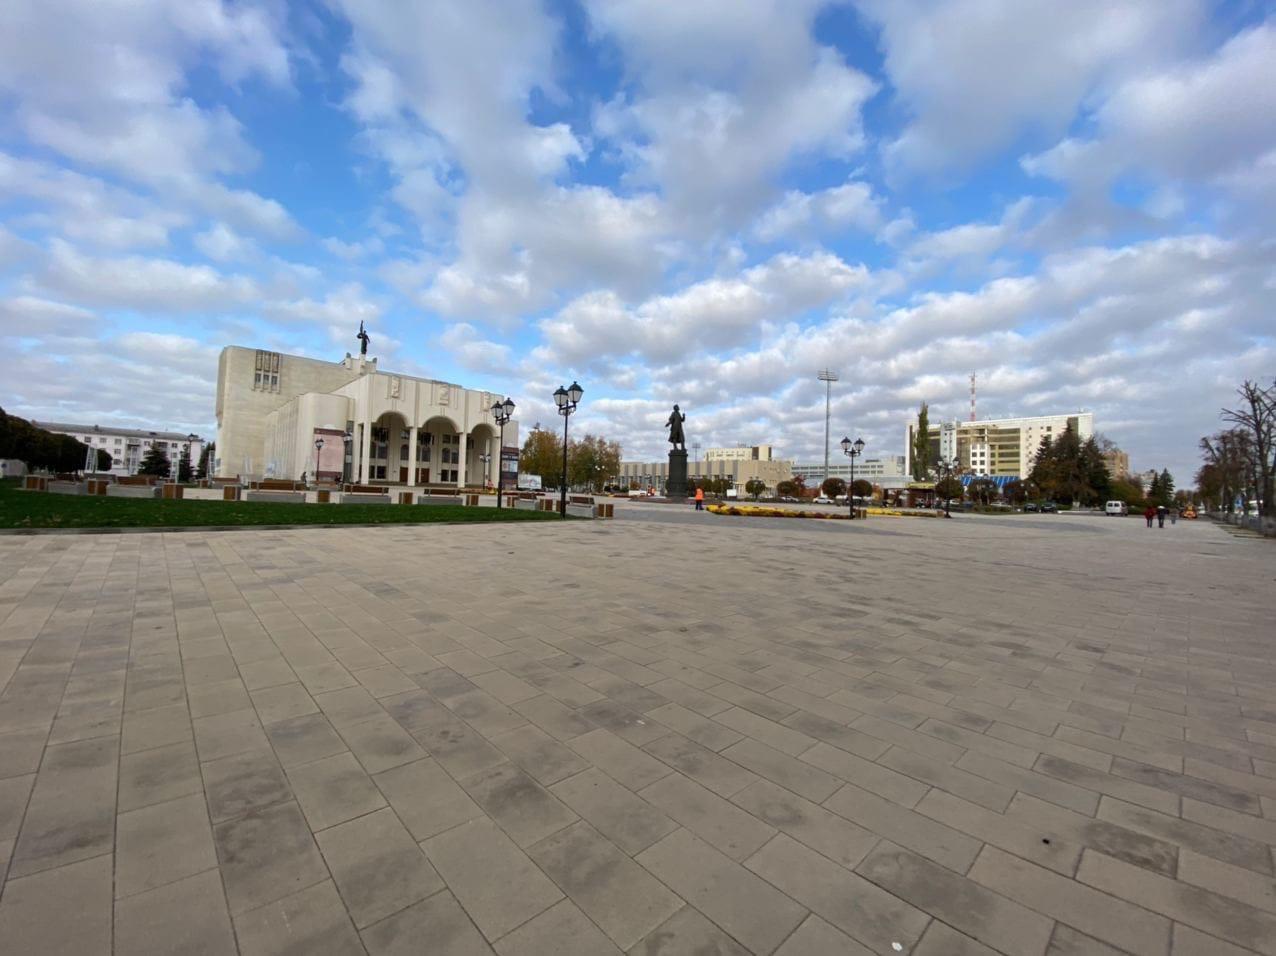 Комиссия приняла в эксплуатацию благоустроенную Театральную площадь в Курске